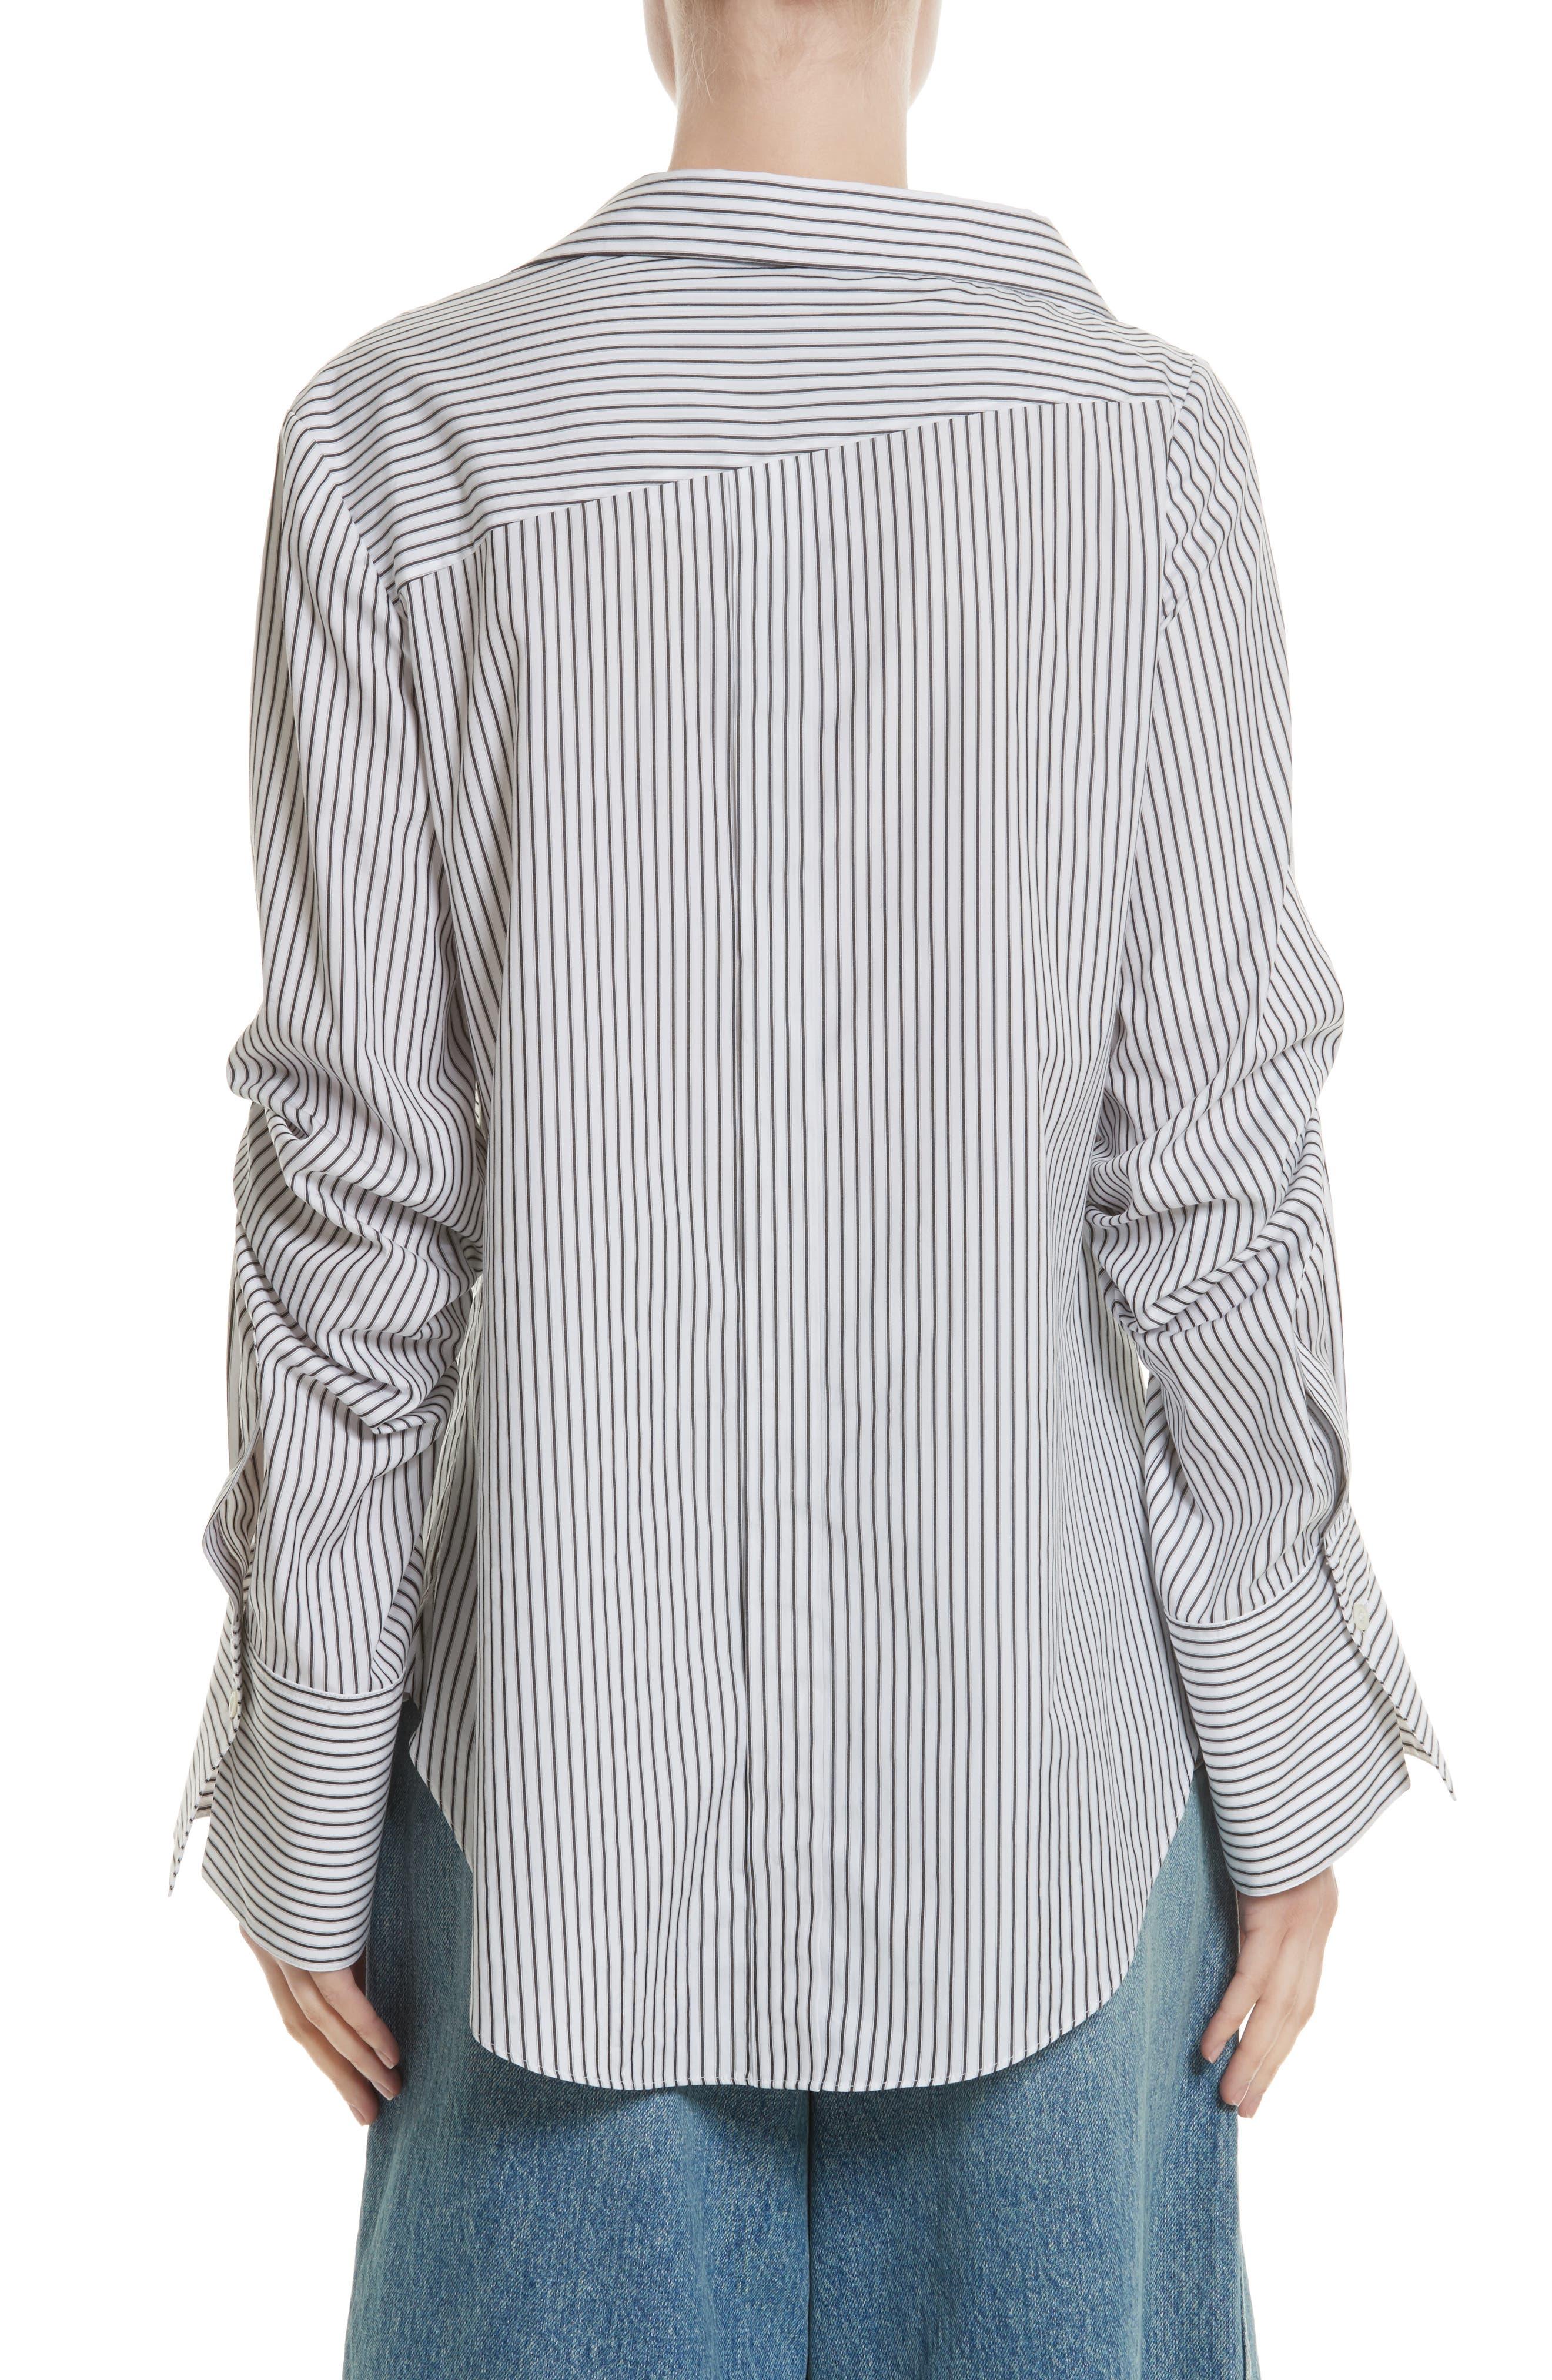 Grommet Scrunch Sleeve Shirt,                             Alternate thumbnail 2, color,                             Blue/ White